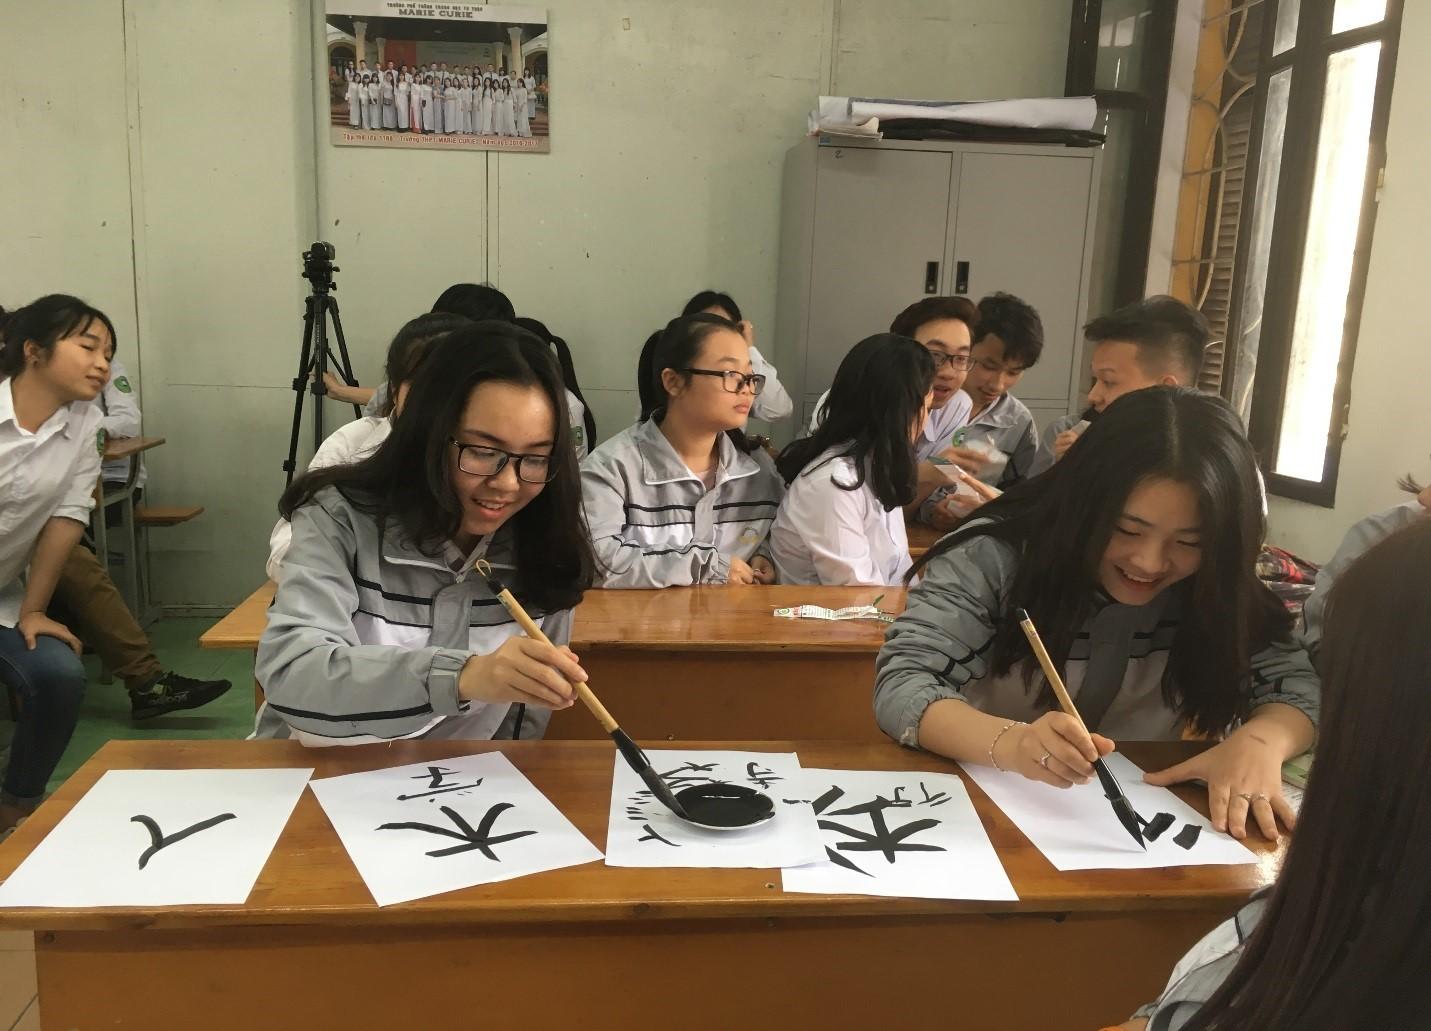 Hình ảnh: Các bạn học sinh thực hành viét thư pháp